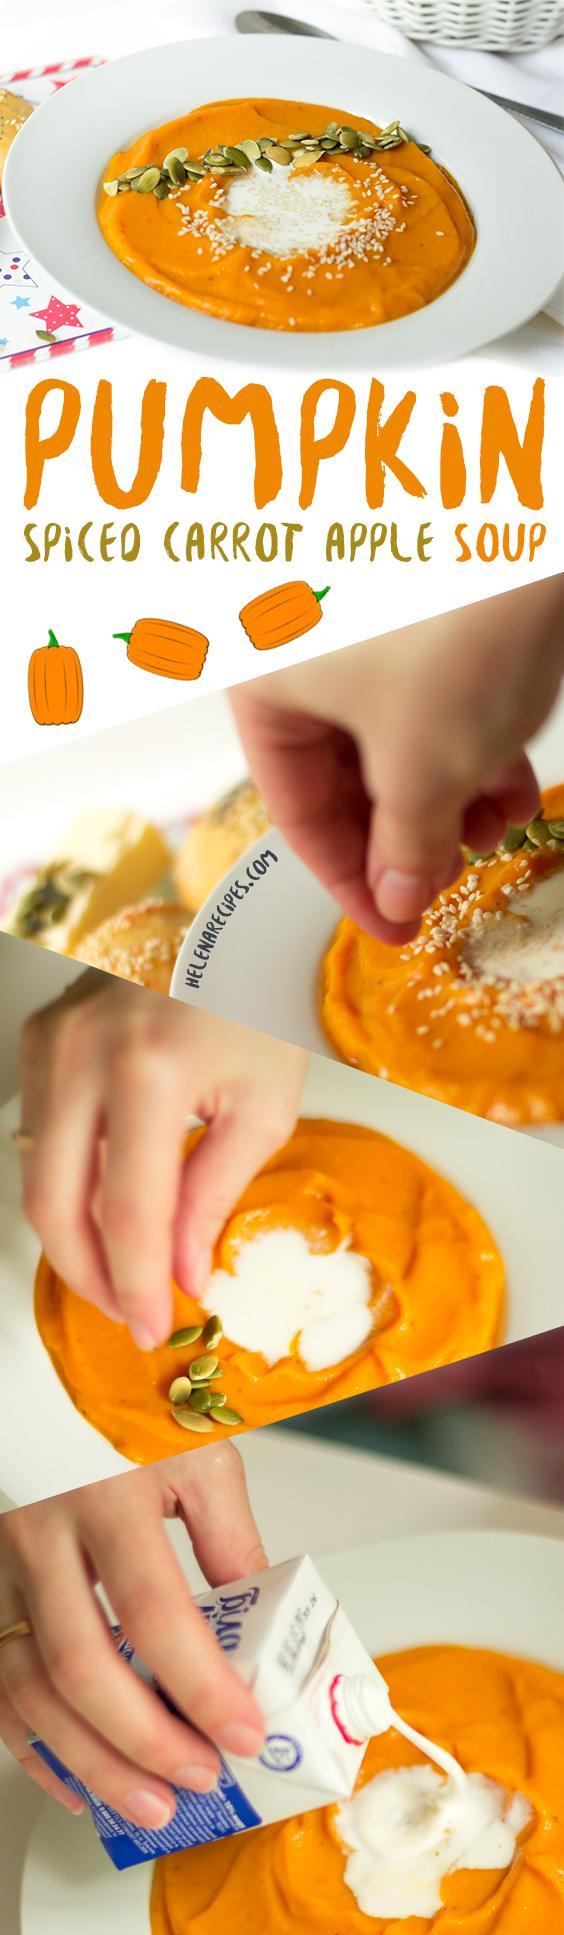 Spiced Carrot Apple Pumpkin Soup recipe Pinterest